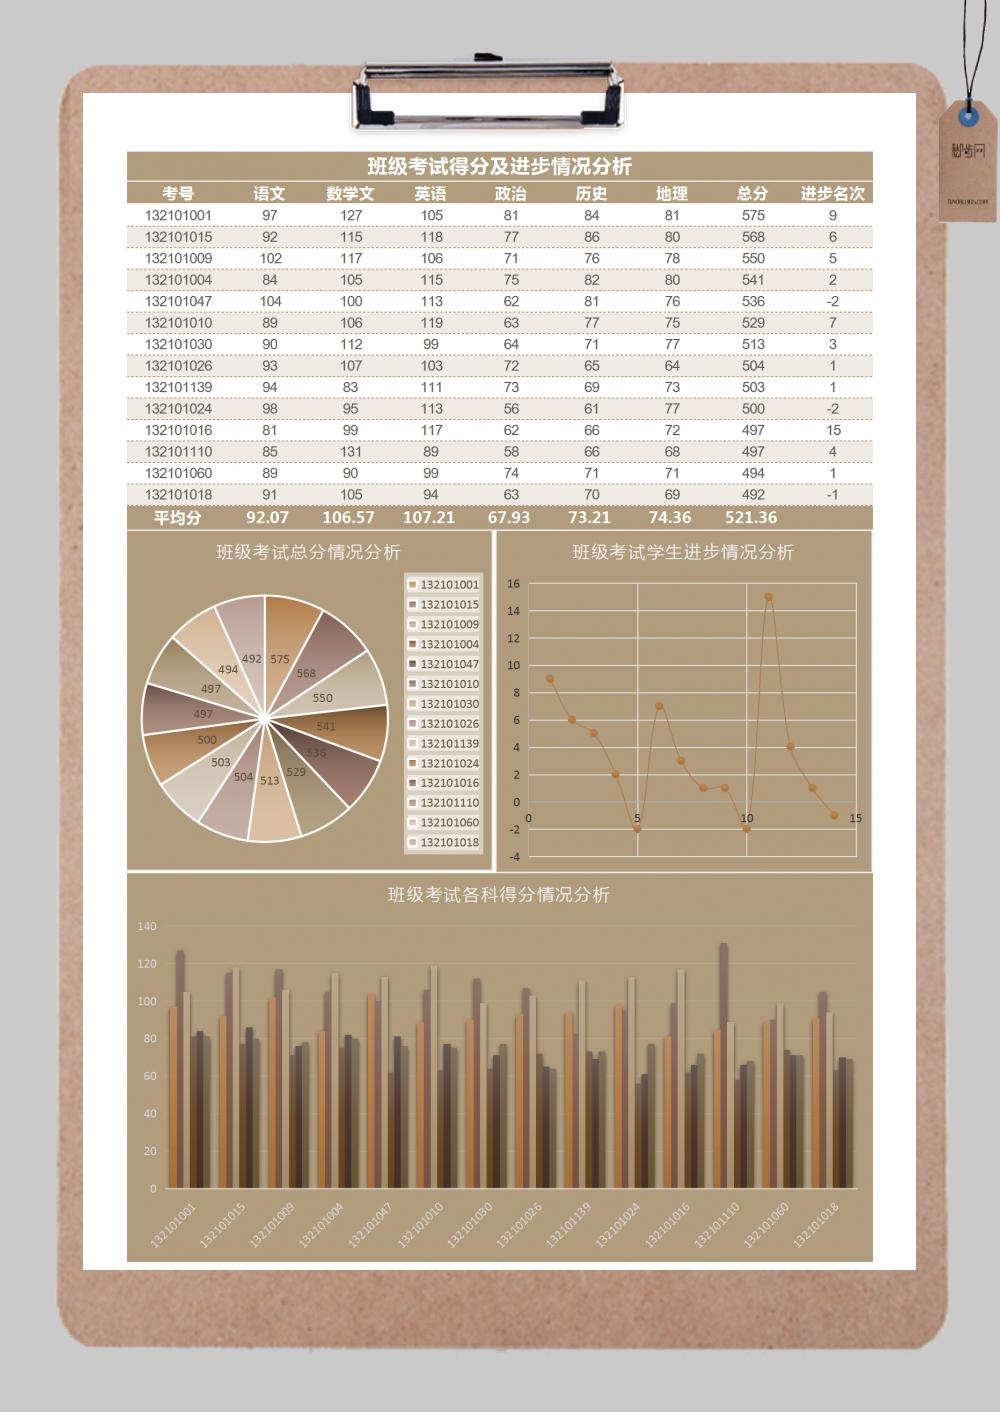 学生考试进步情况分析excel模板